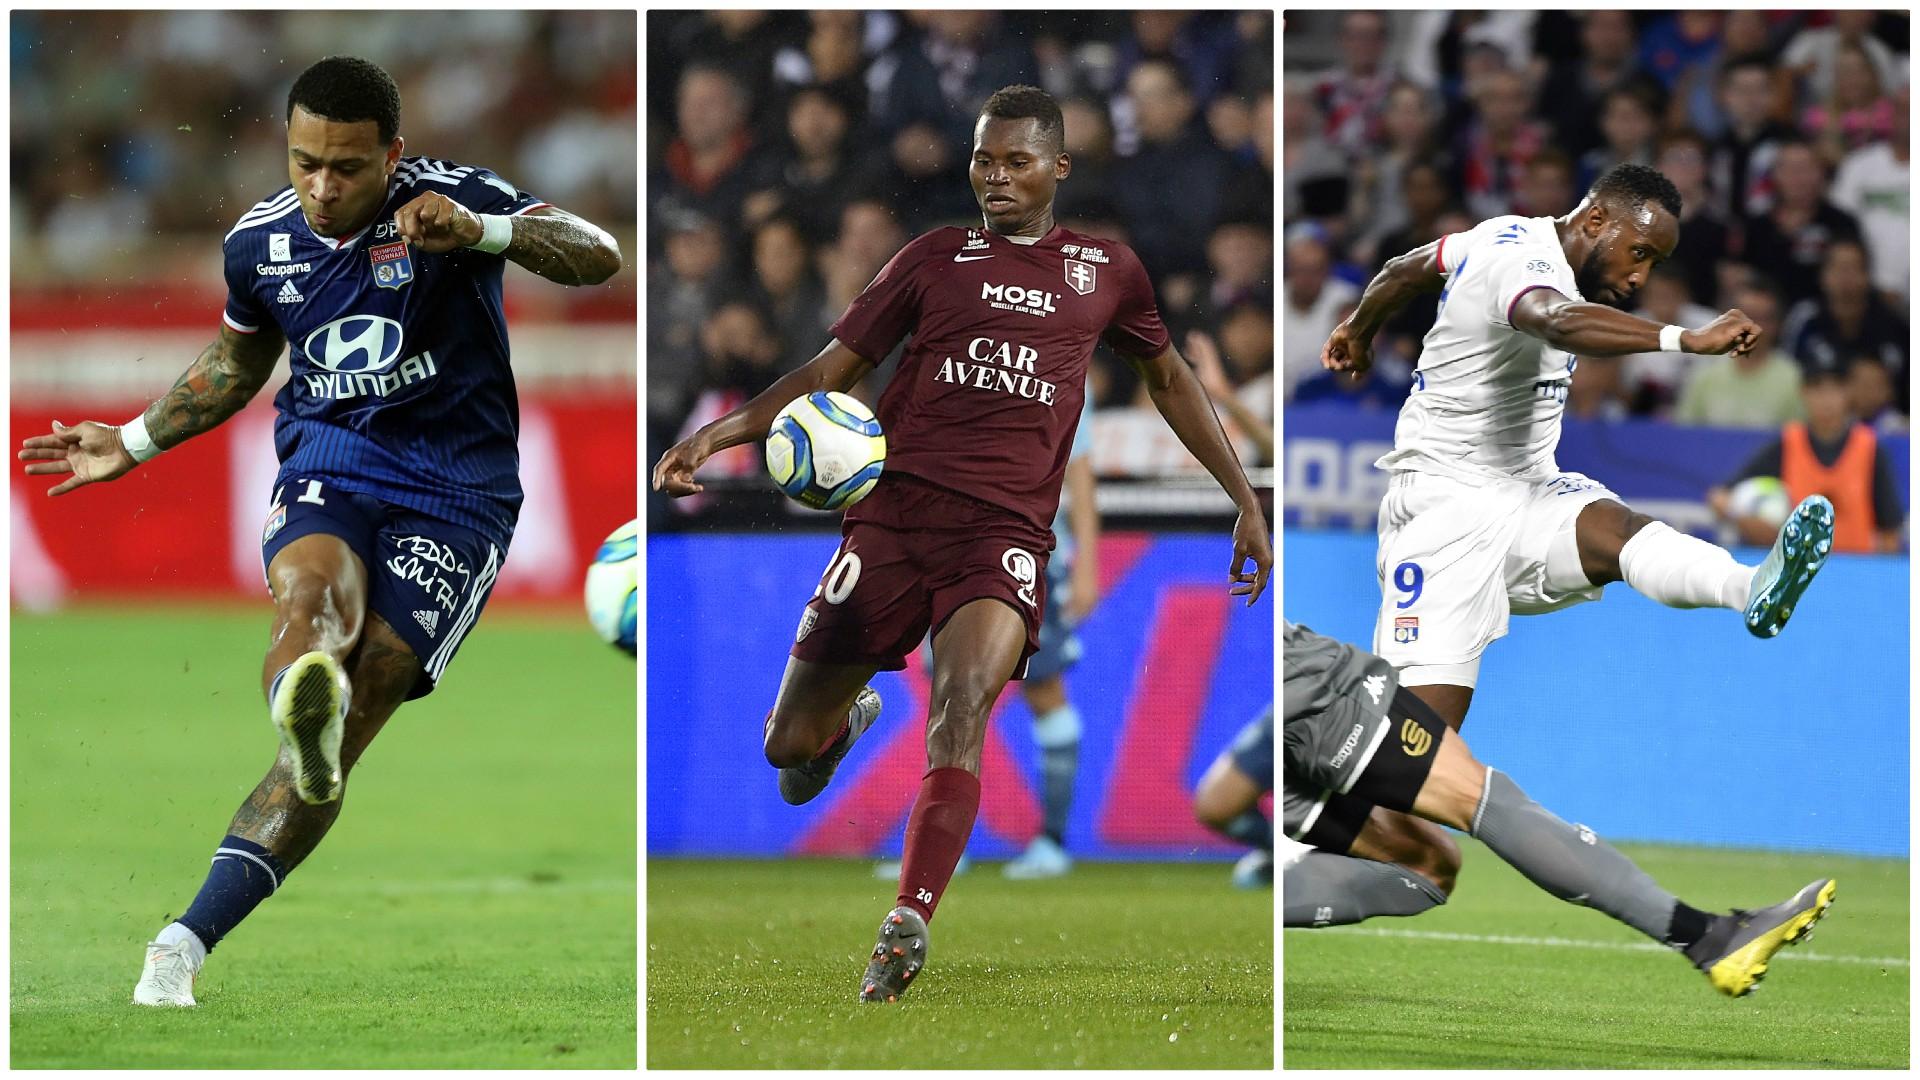 Ligue 1 - Le classement des meilleurs buteurs 2019-2020